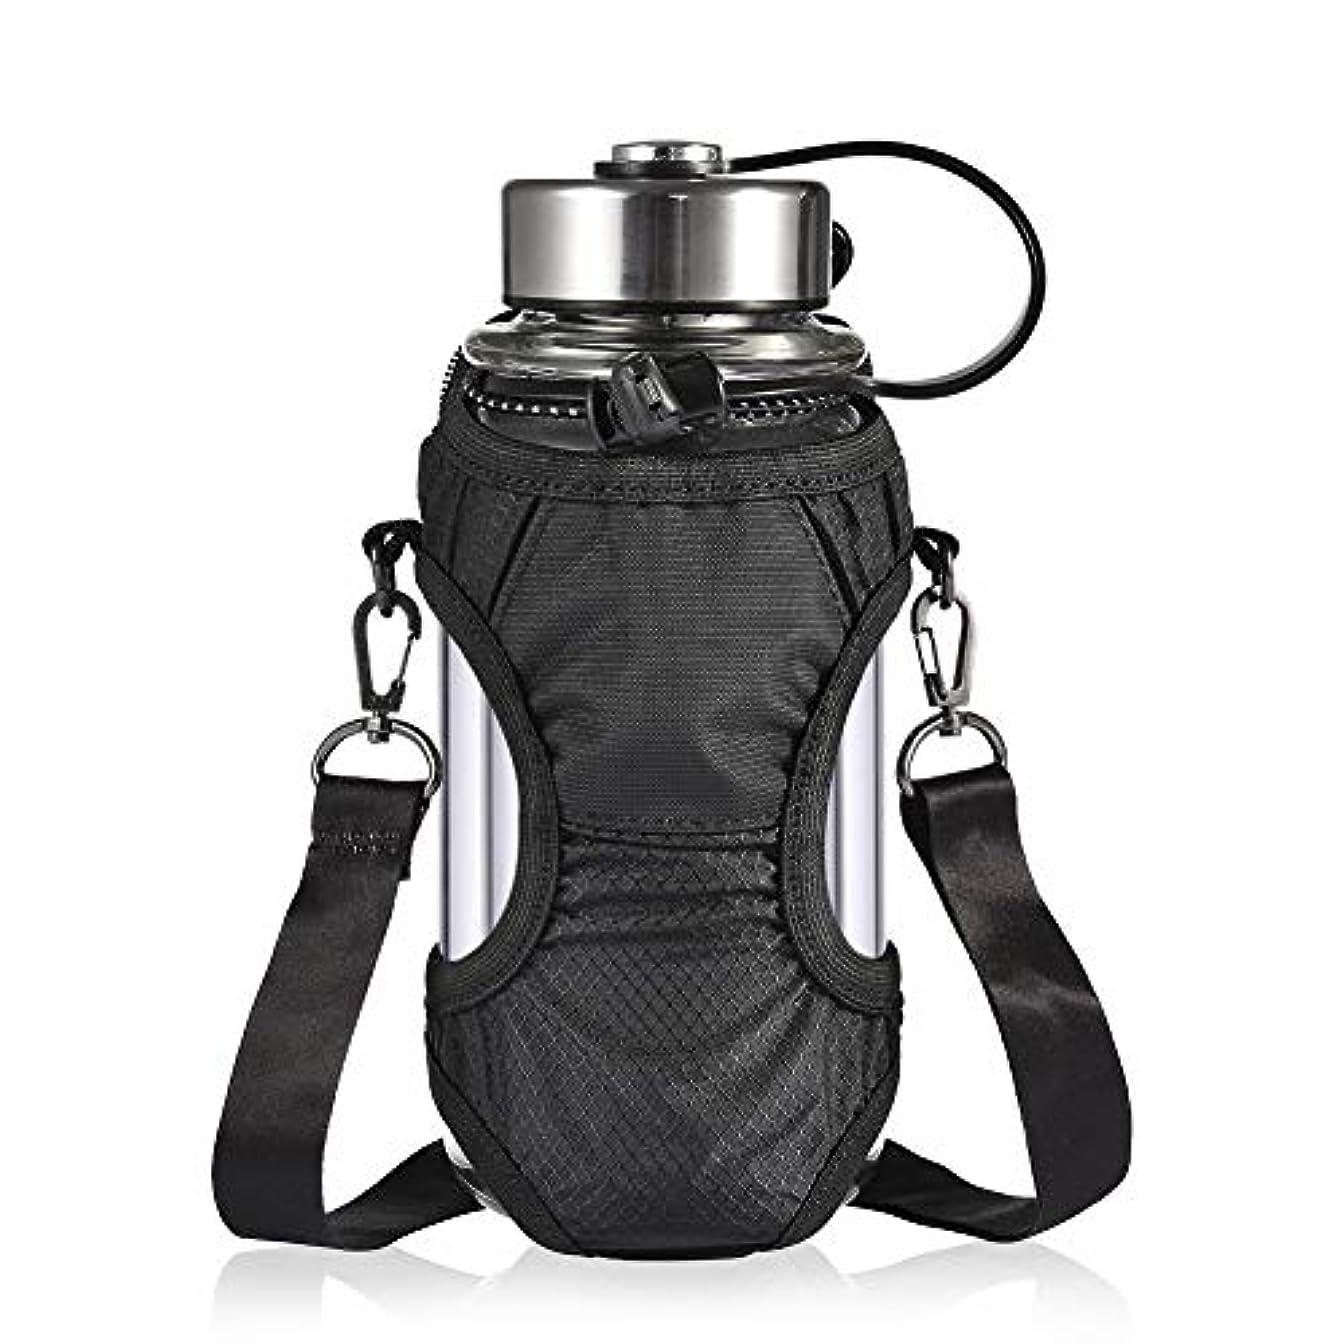 アカデミック軍団購入Frishare コンパクトウォーターボトルキャリア スリングバッグ 便利なウォーターボトルホルダー 調節可能なショルダーストラップ付き 折りたたみ式 ほとんどのボトルに対応 (12オンス-50オンス) ウォーキング、サイクリング、ハイキングなどに最適